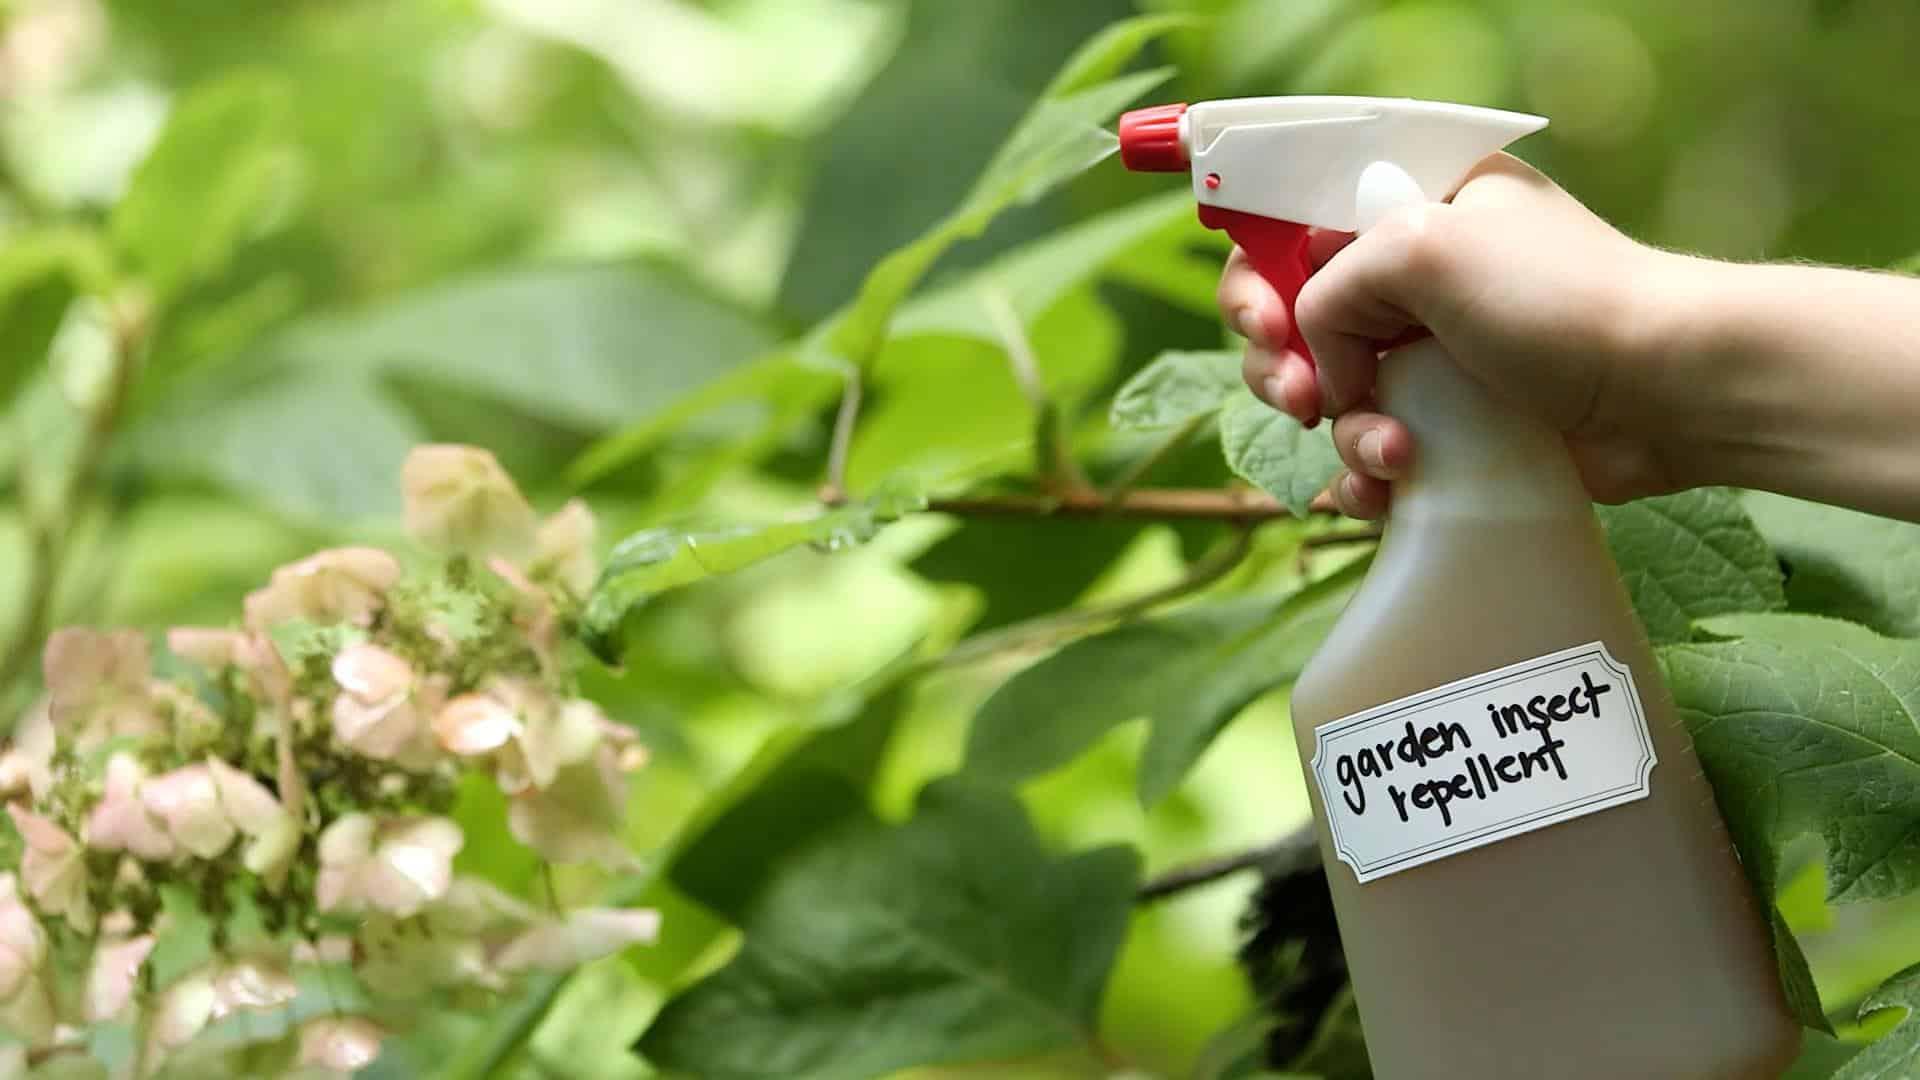 Spray garden insect